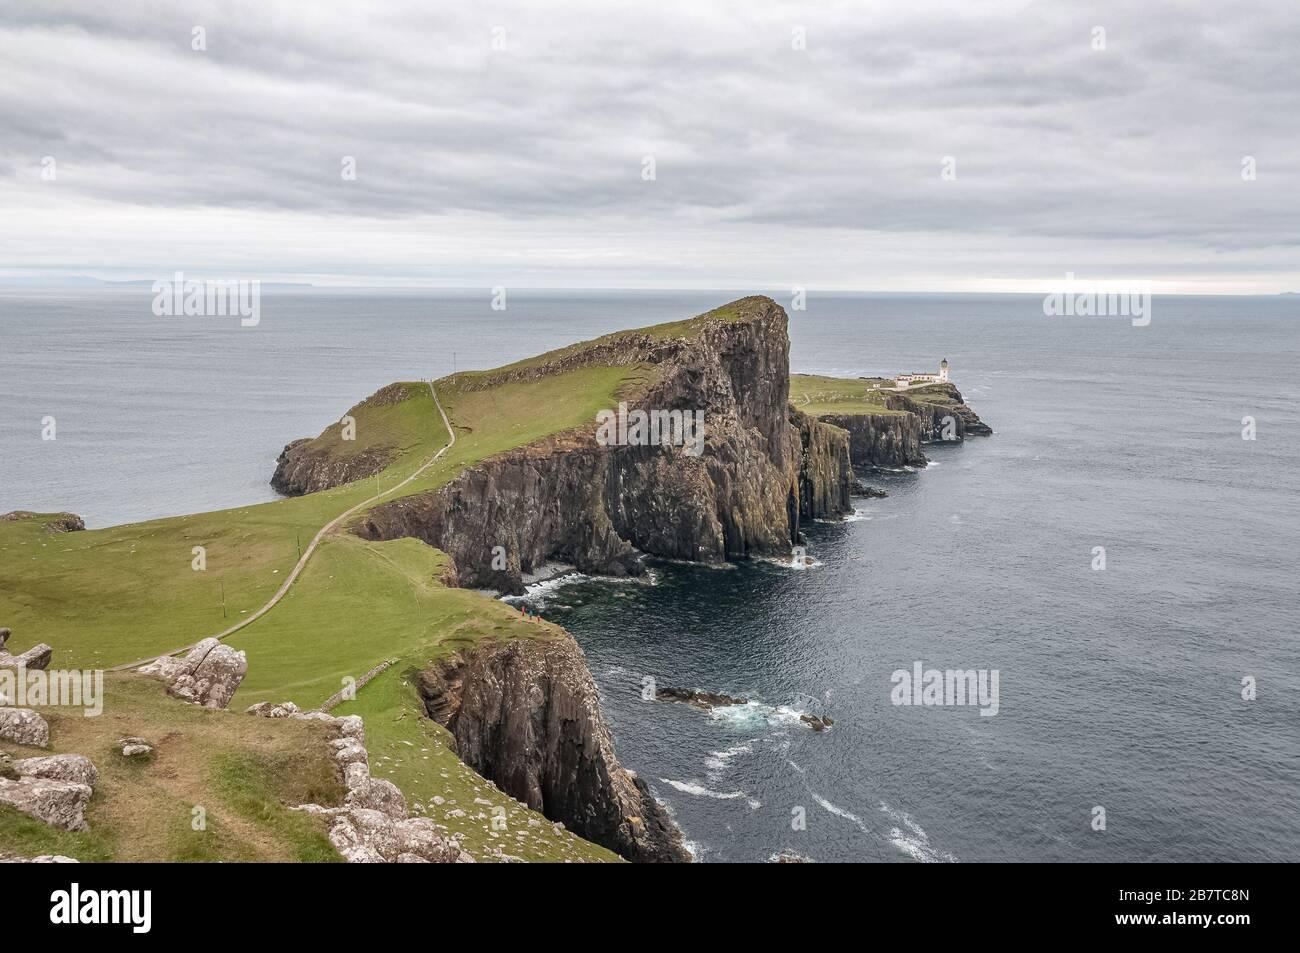 Hermoso panorama del faro de Neist Point desde el punto de vista de Neist Cliff Foto de stock